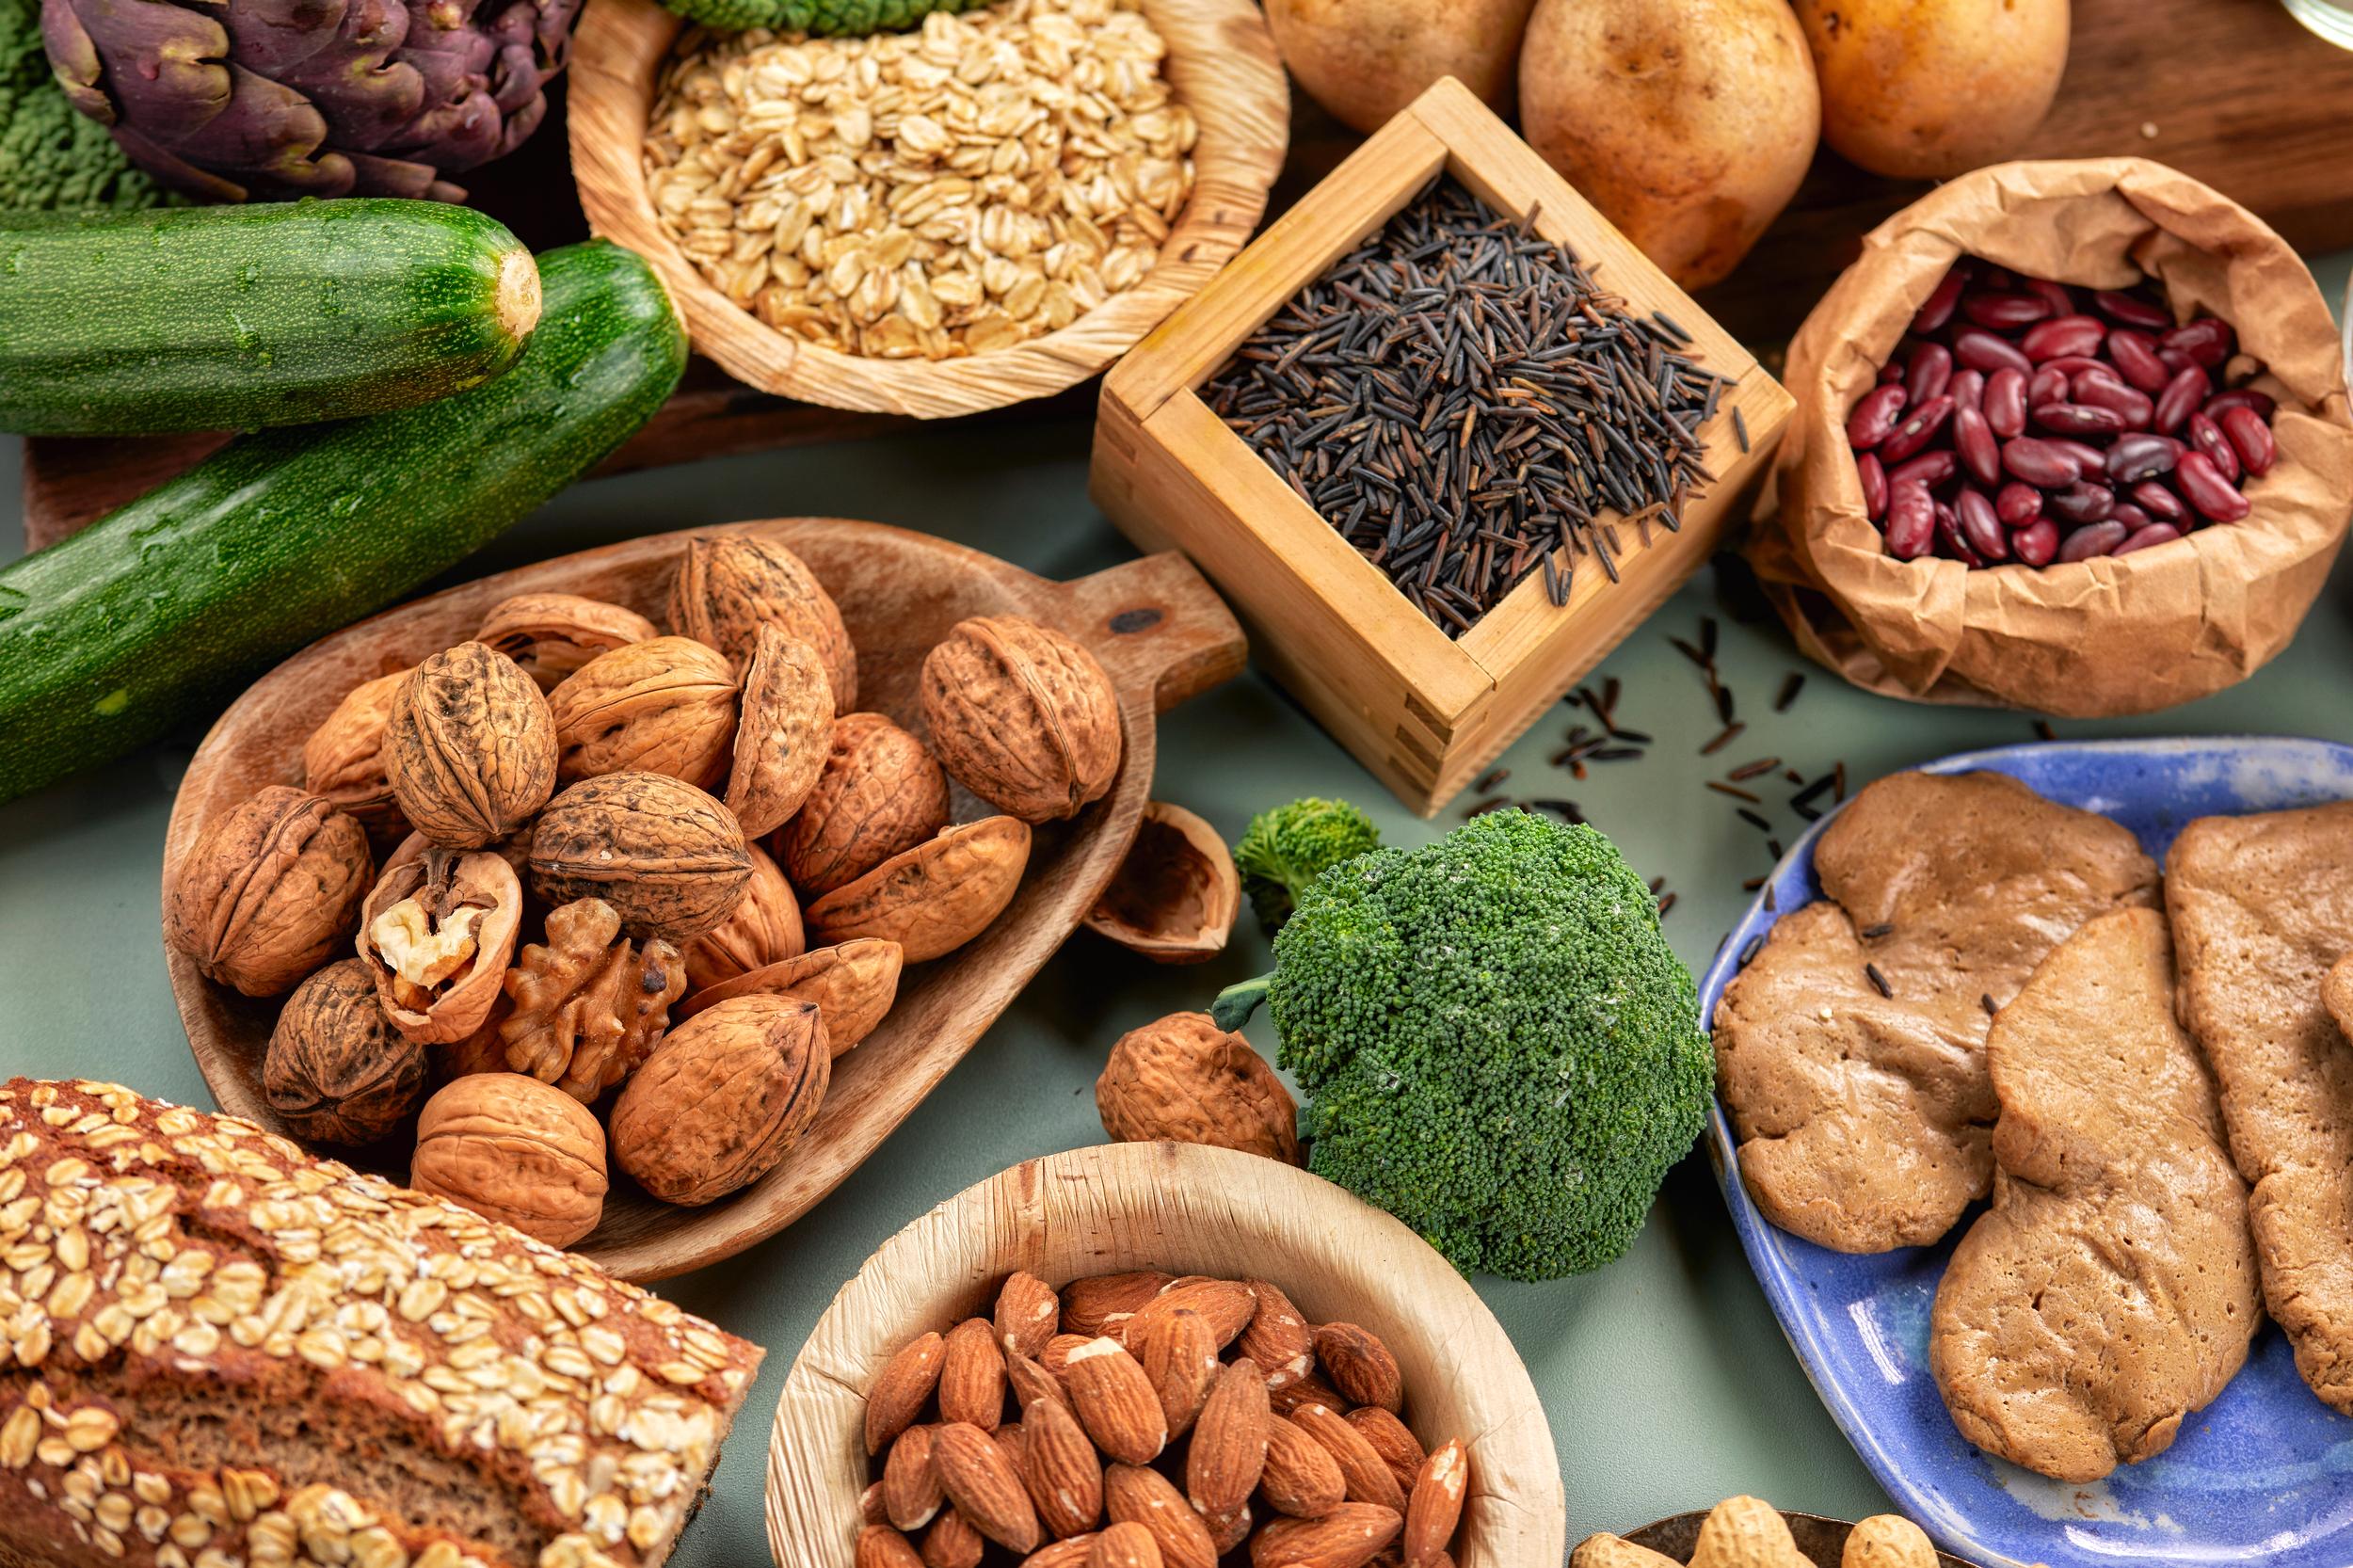 自然界中,藜麥、燕麥、大豆、花椰菜、鷹嘴豆等蔬食食材,含有豐富的植物性蛋白質、維生素與礦物質,可以取代肉類,成為人體所需蛋白質的來源。© Mitja Kobal / Greenpeace